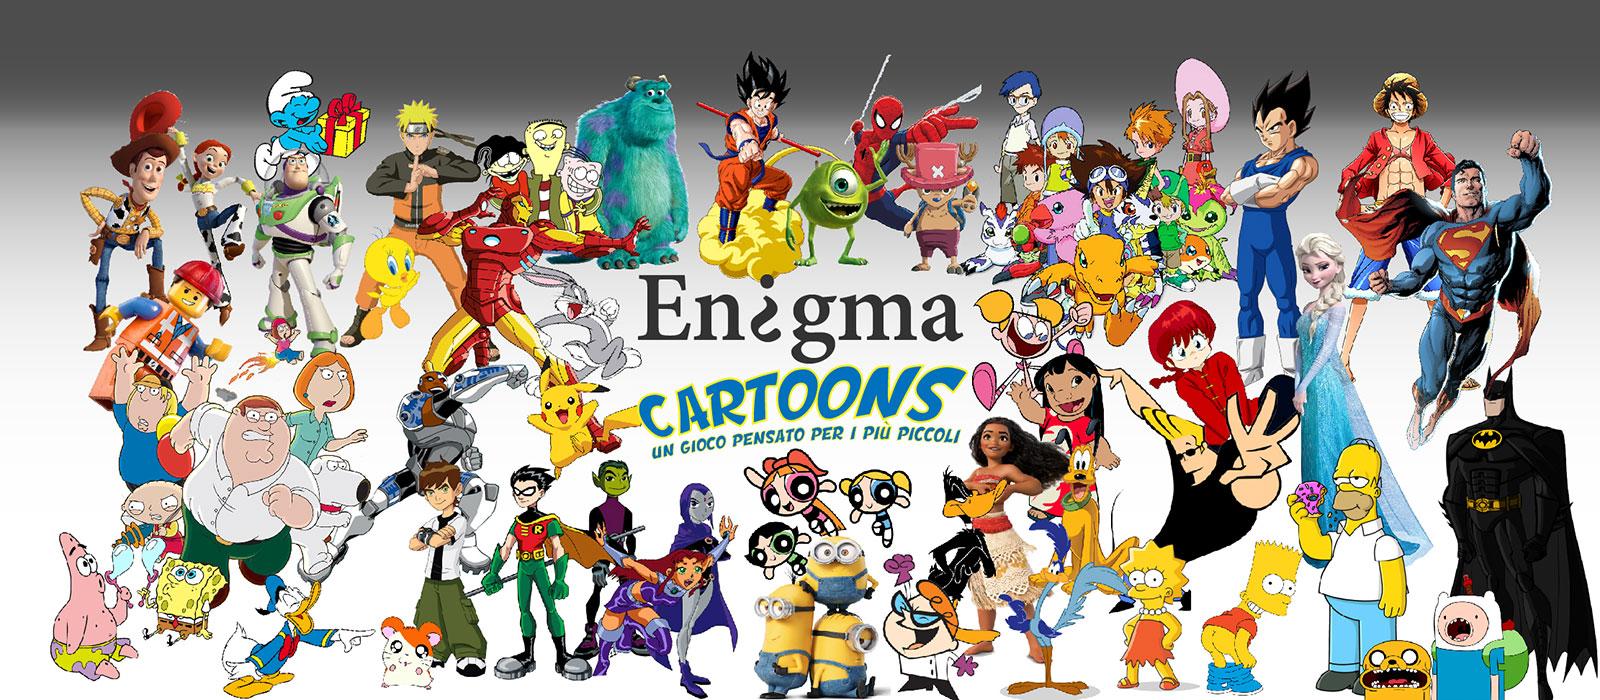 00 escape game kids cartoons